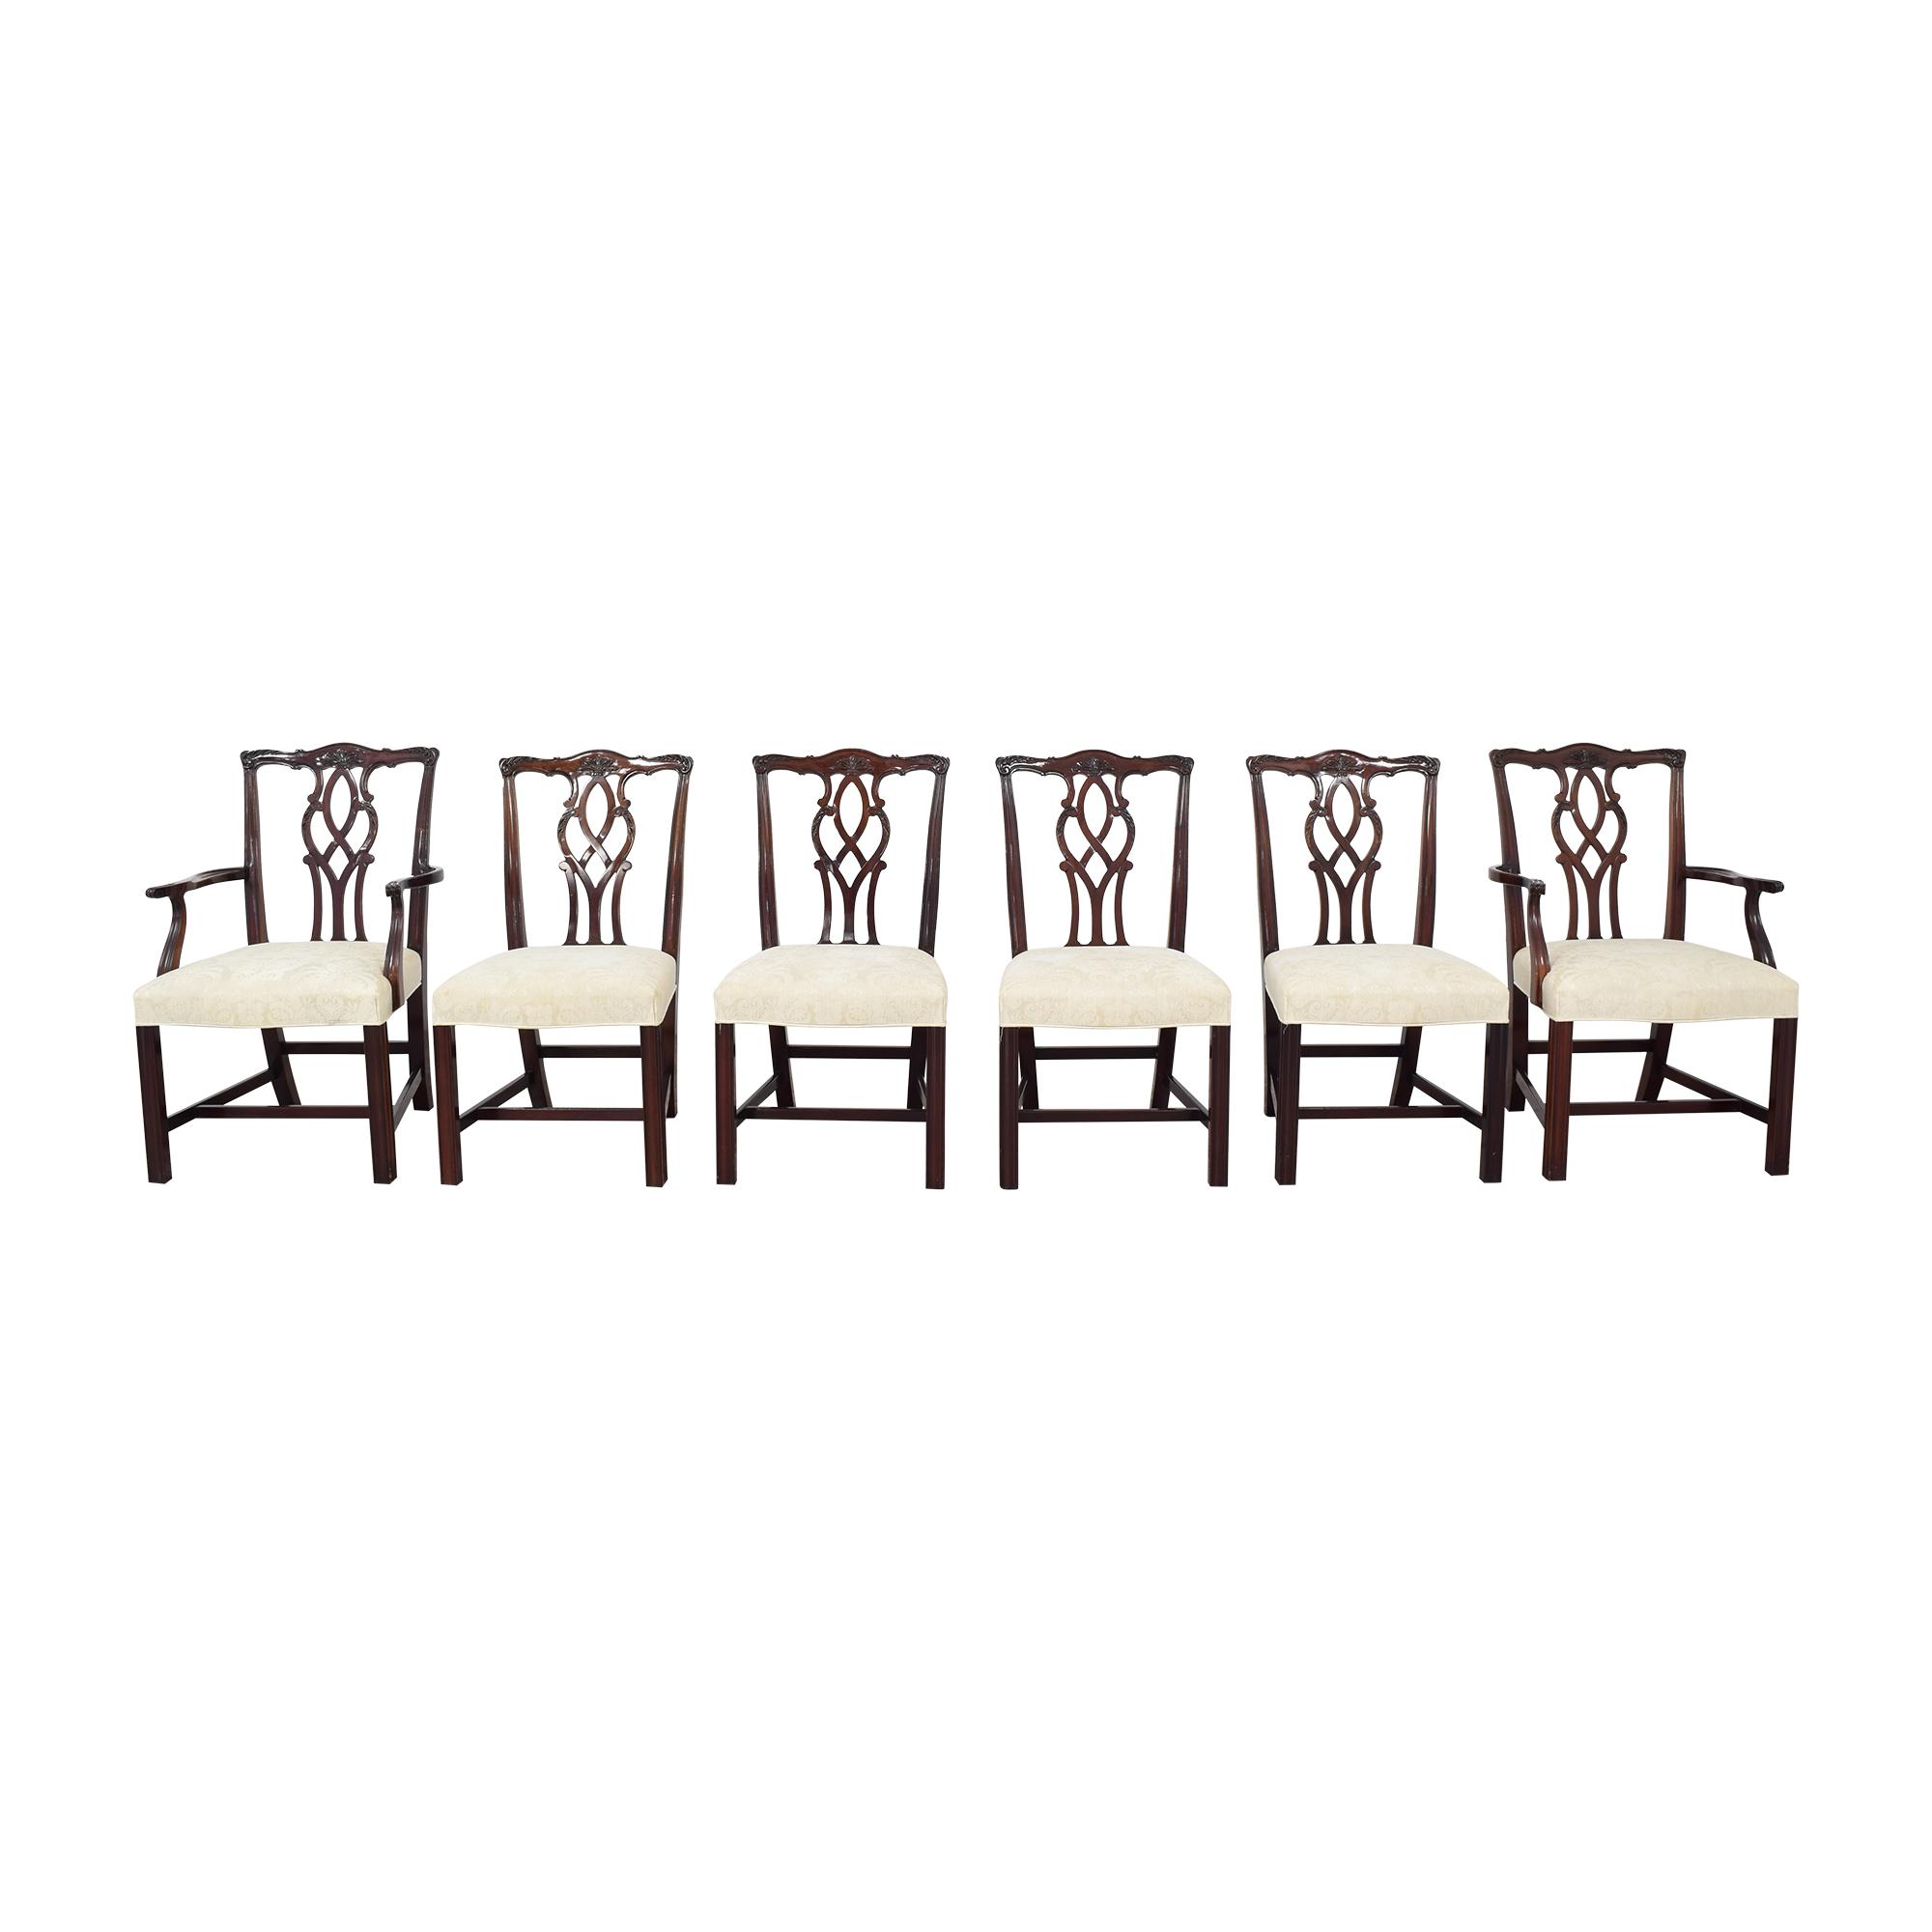 Kindel Upholstered Dining Chairs Kindel